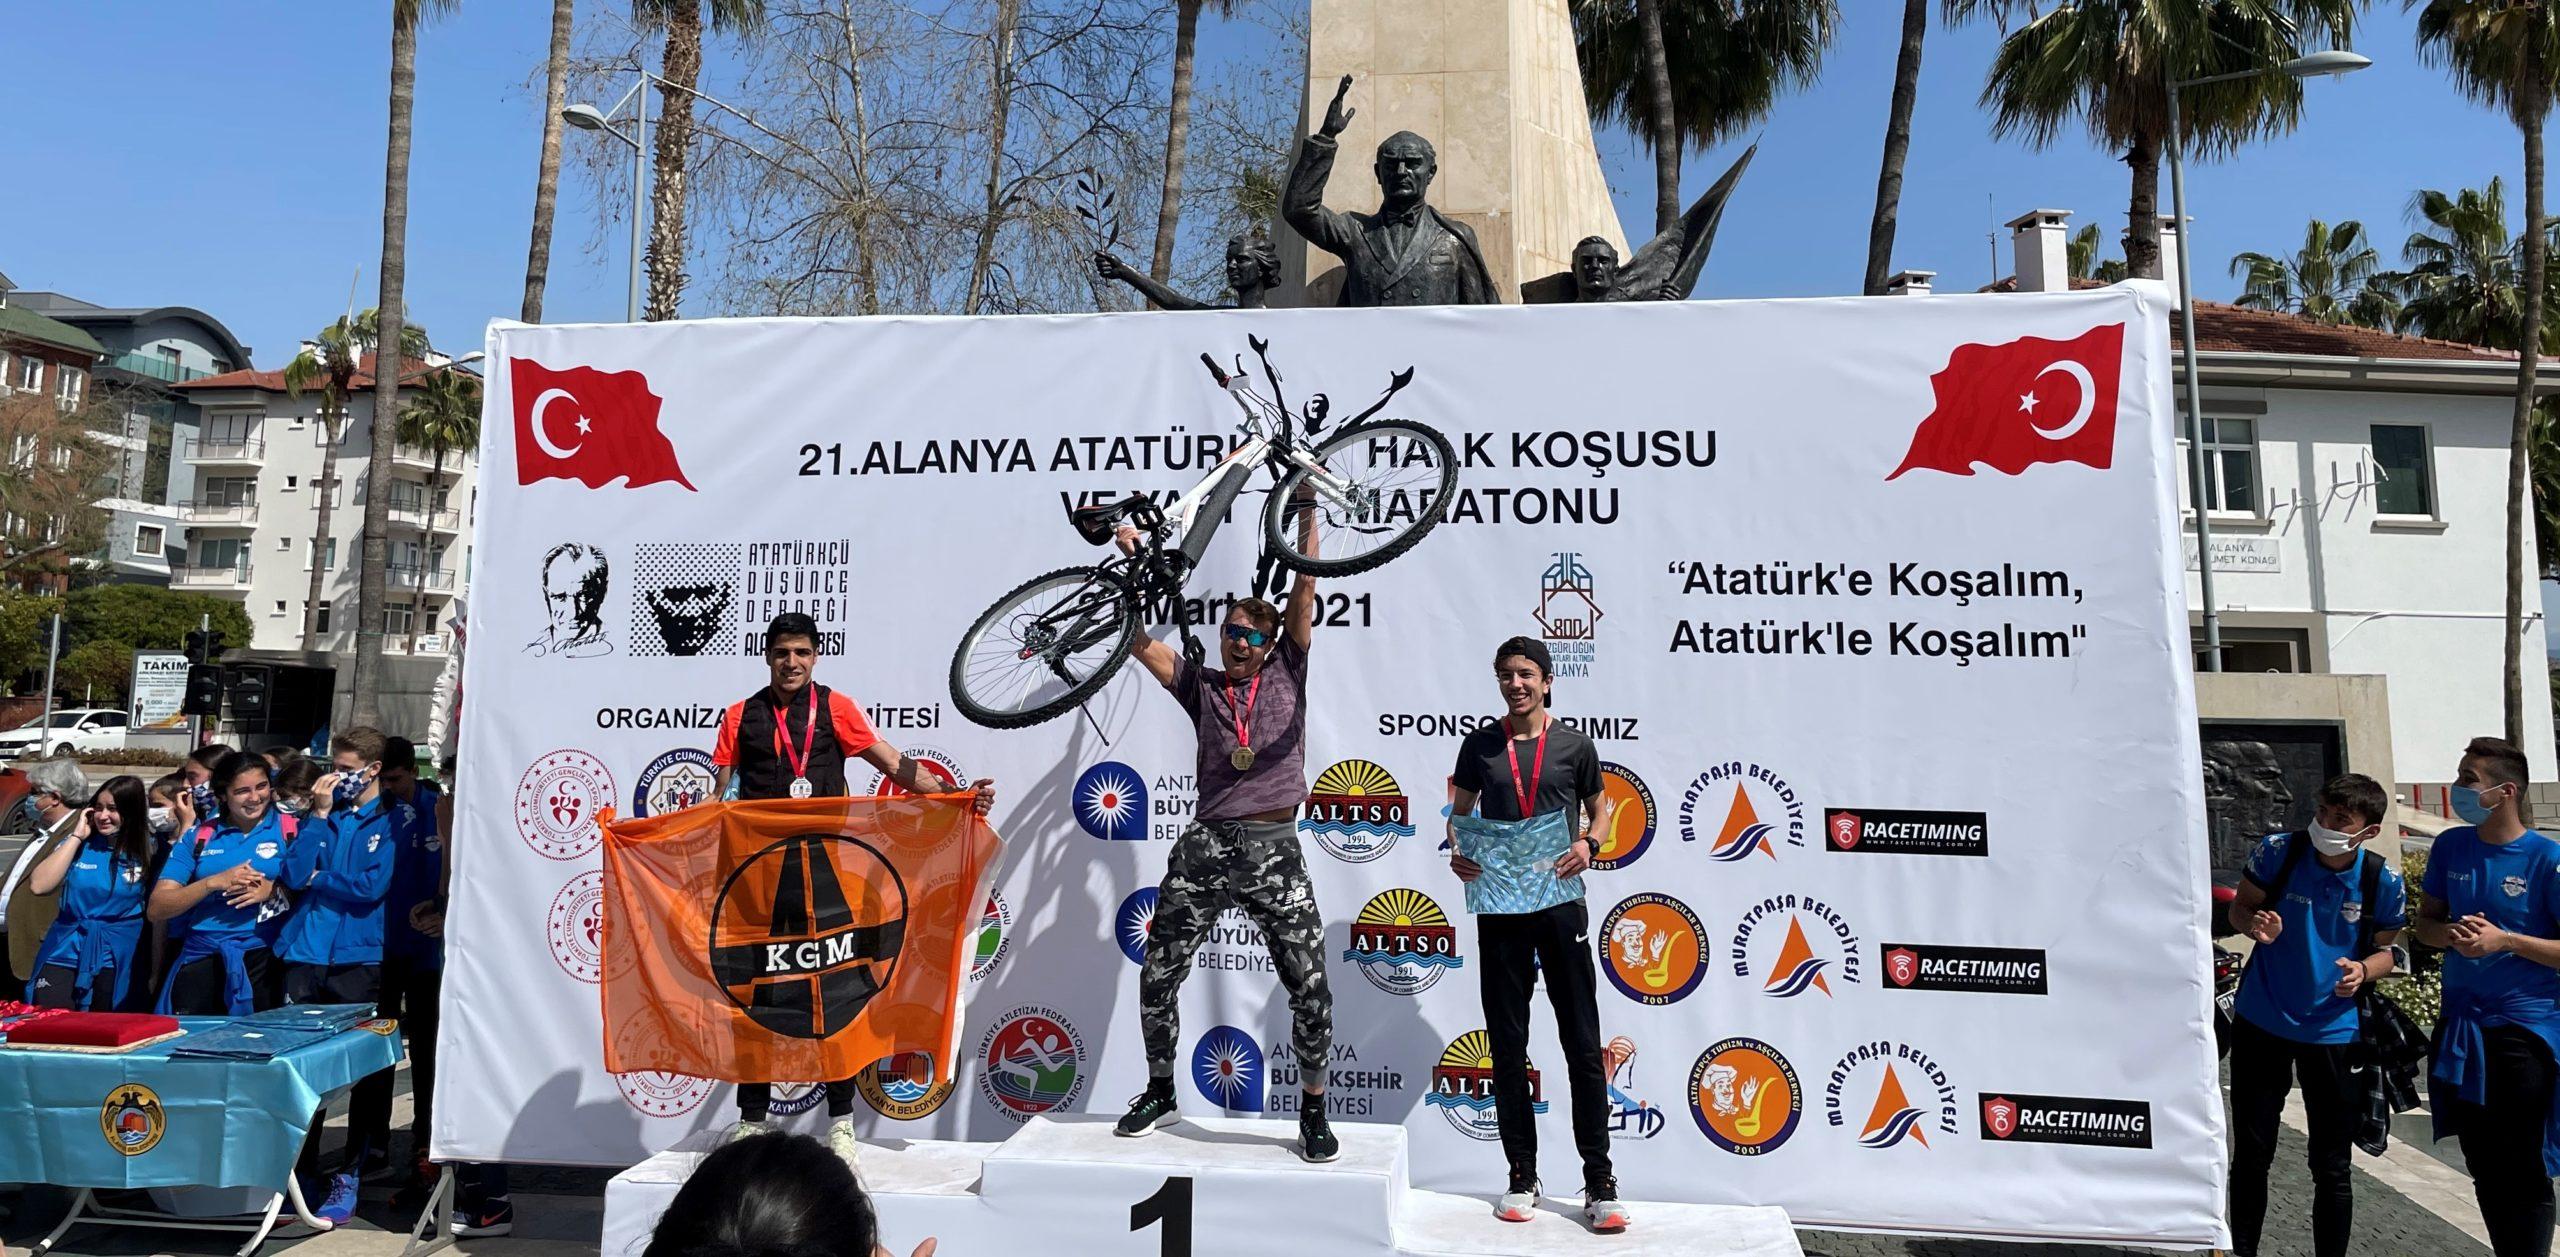 Єгор Мартиненко: «Розцінював турнір в Аланії як рядове тренування, тож був приємно здивований результатом»